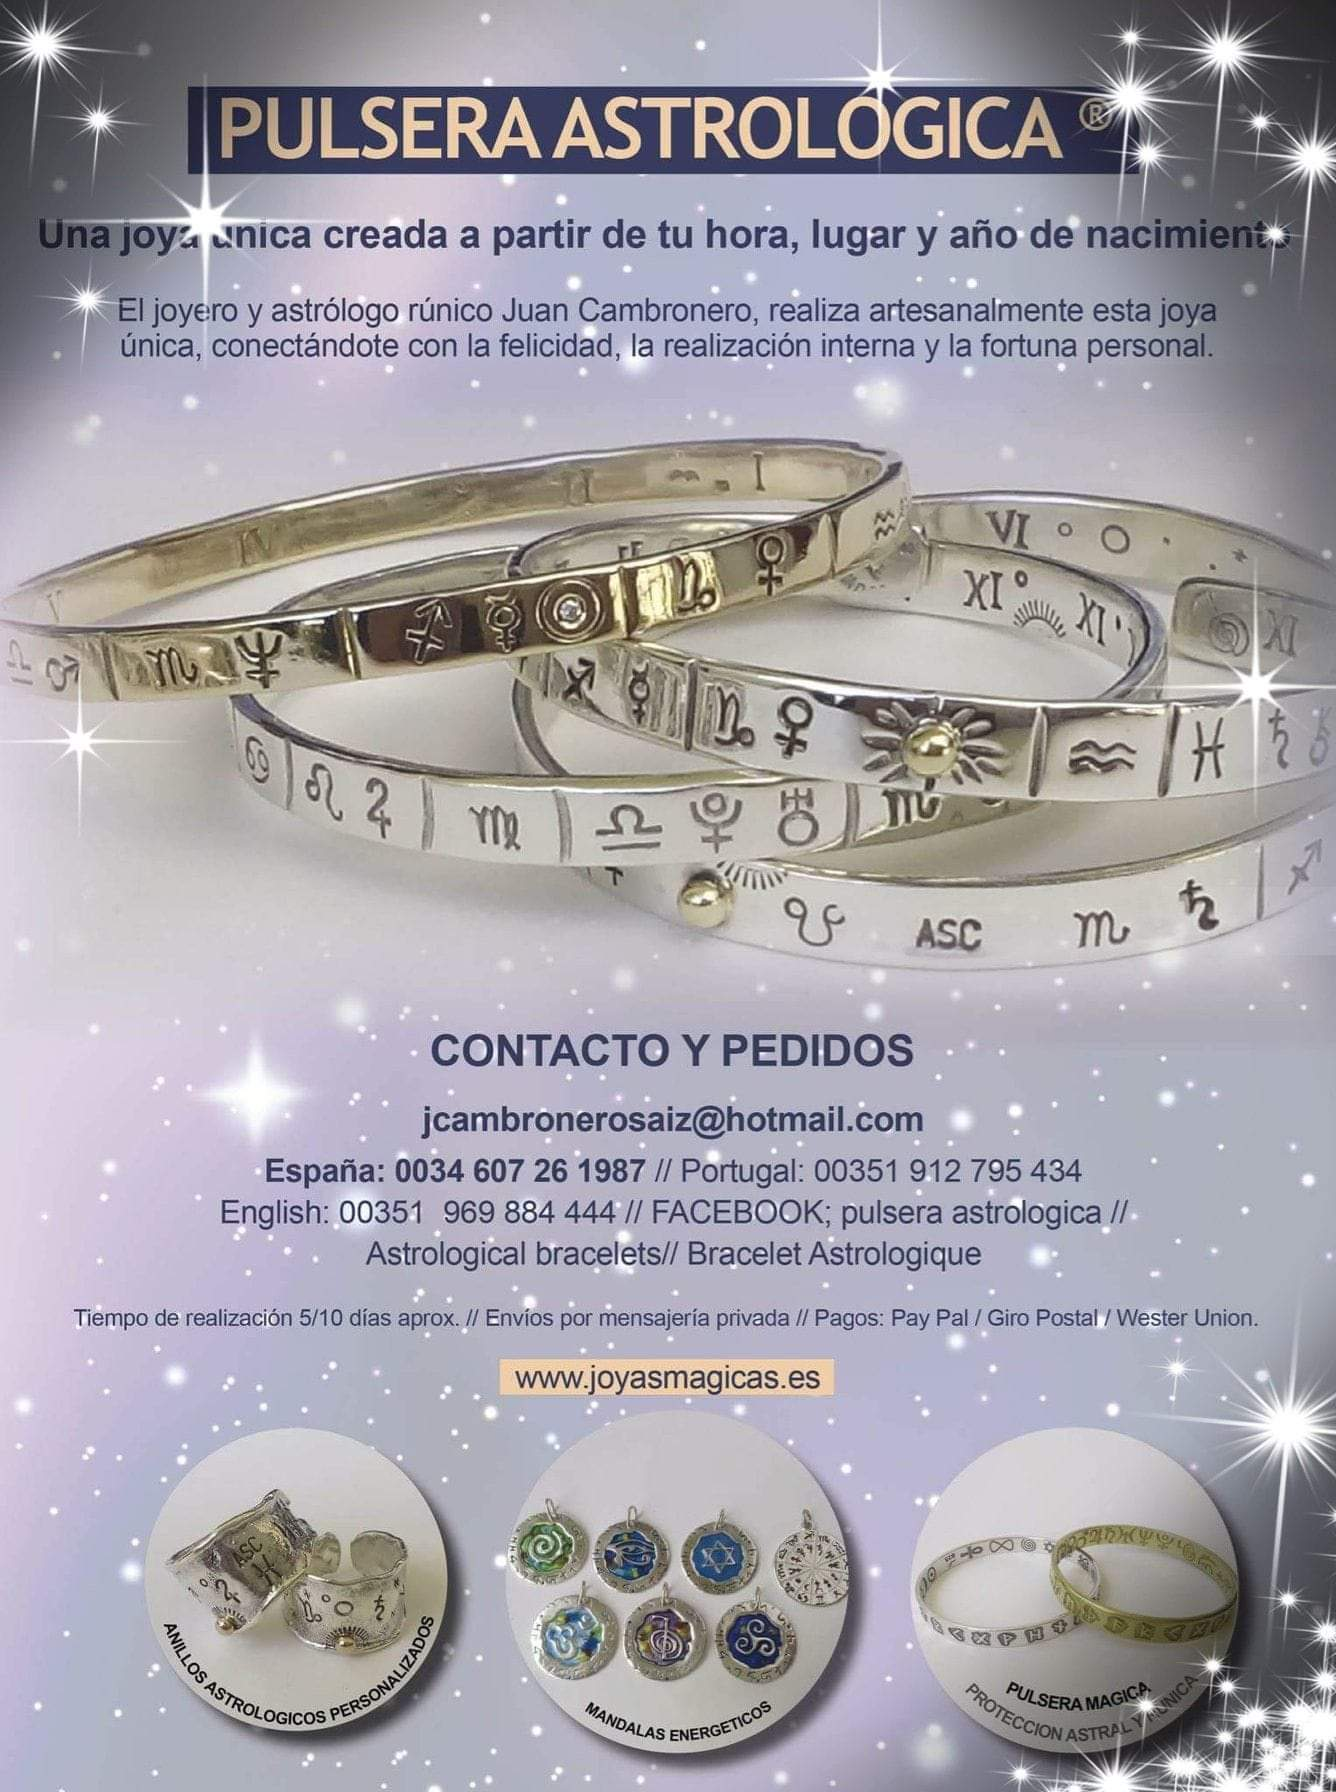 Pulsera Astrológica de Juan Cambronero